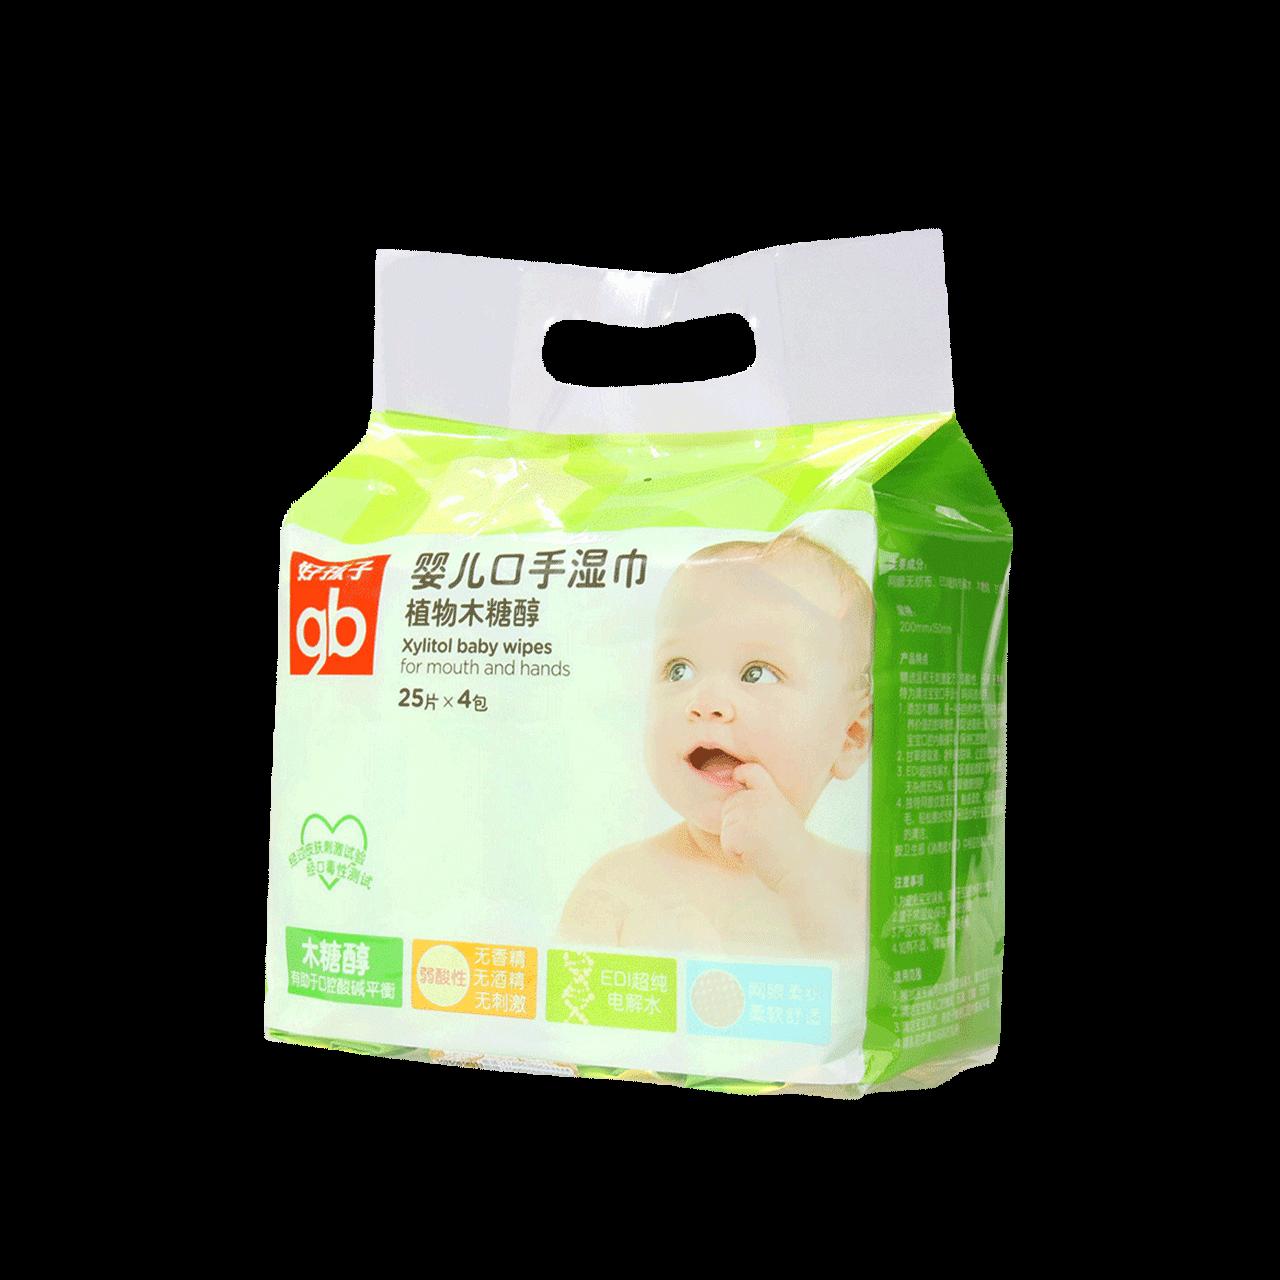 好孩子嬰兒新生兒濕巾紙植物木糖醇寶寶口手濕巾便攜裝25片^~4包